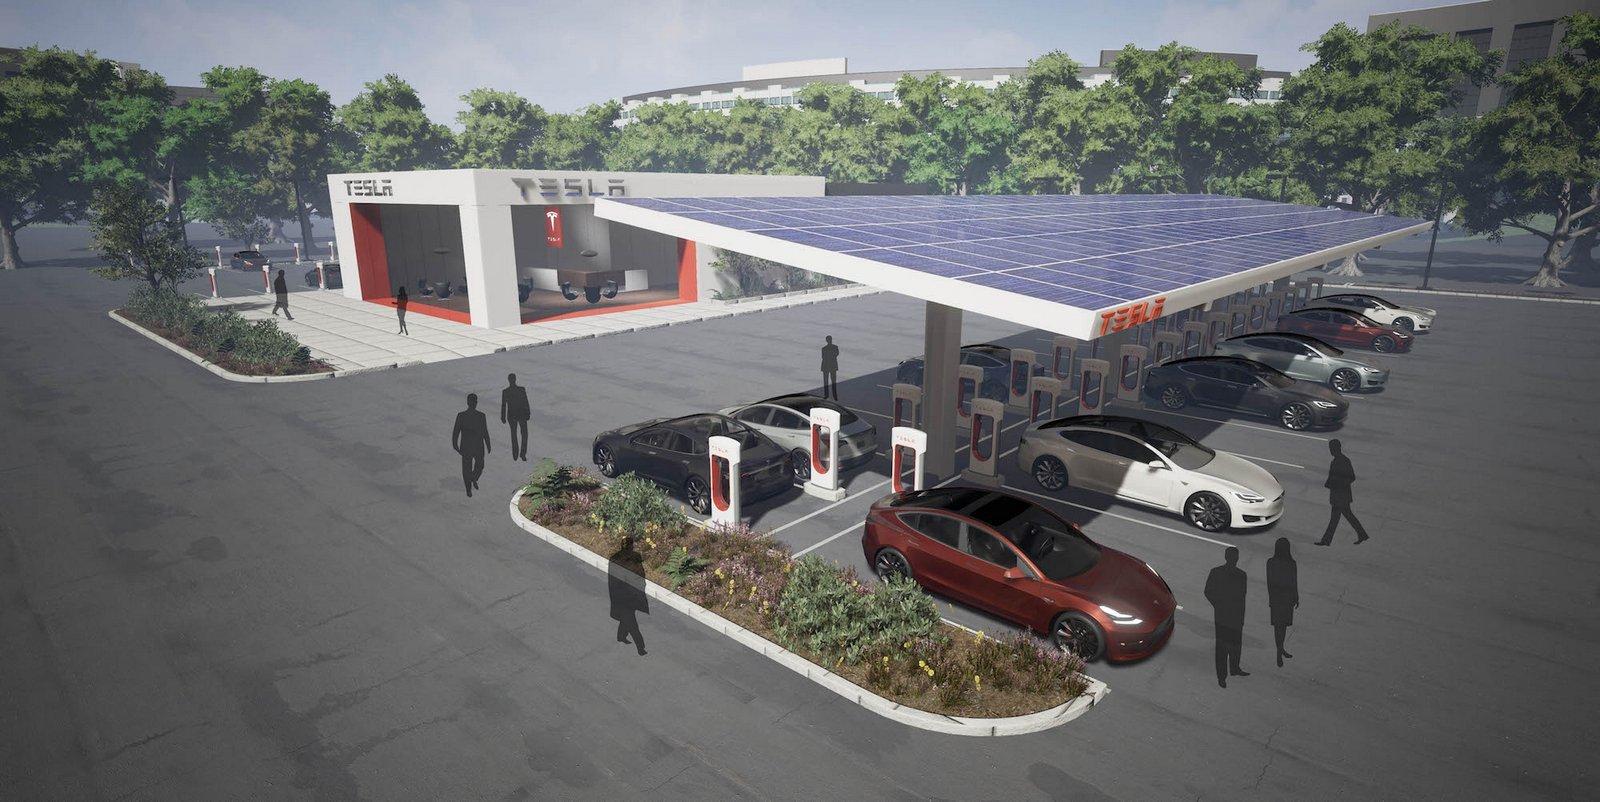 Dobíjecí stanice Tesla